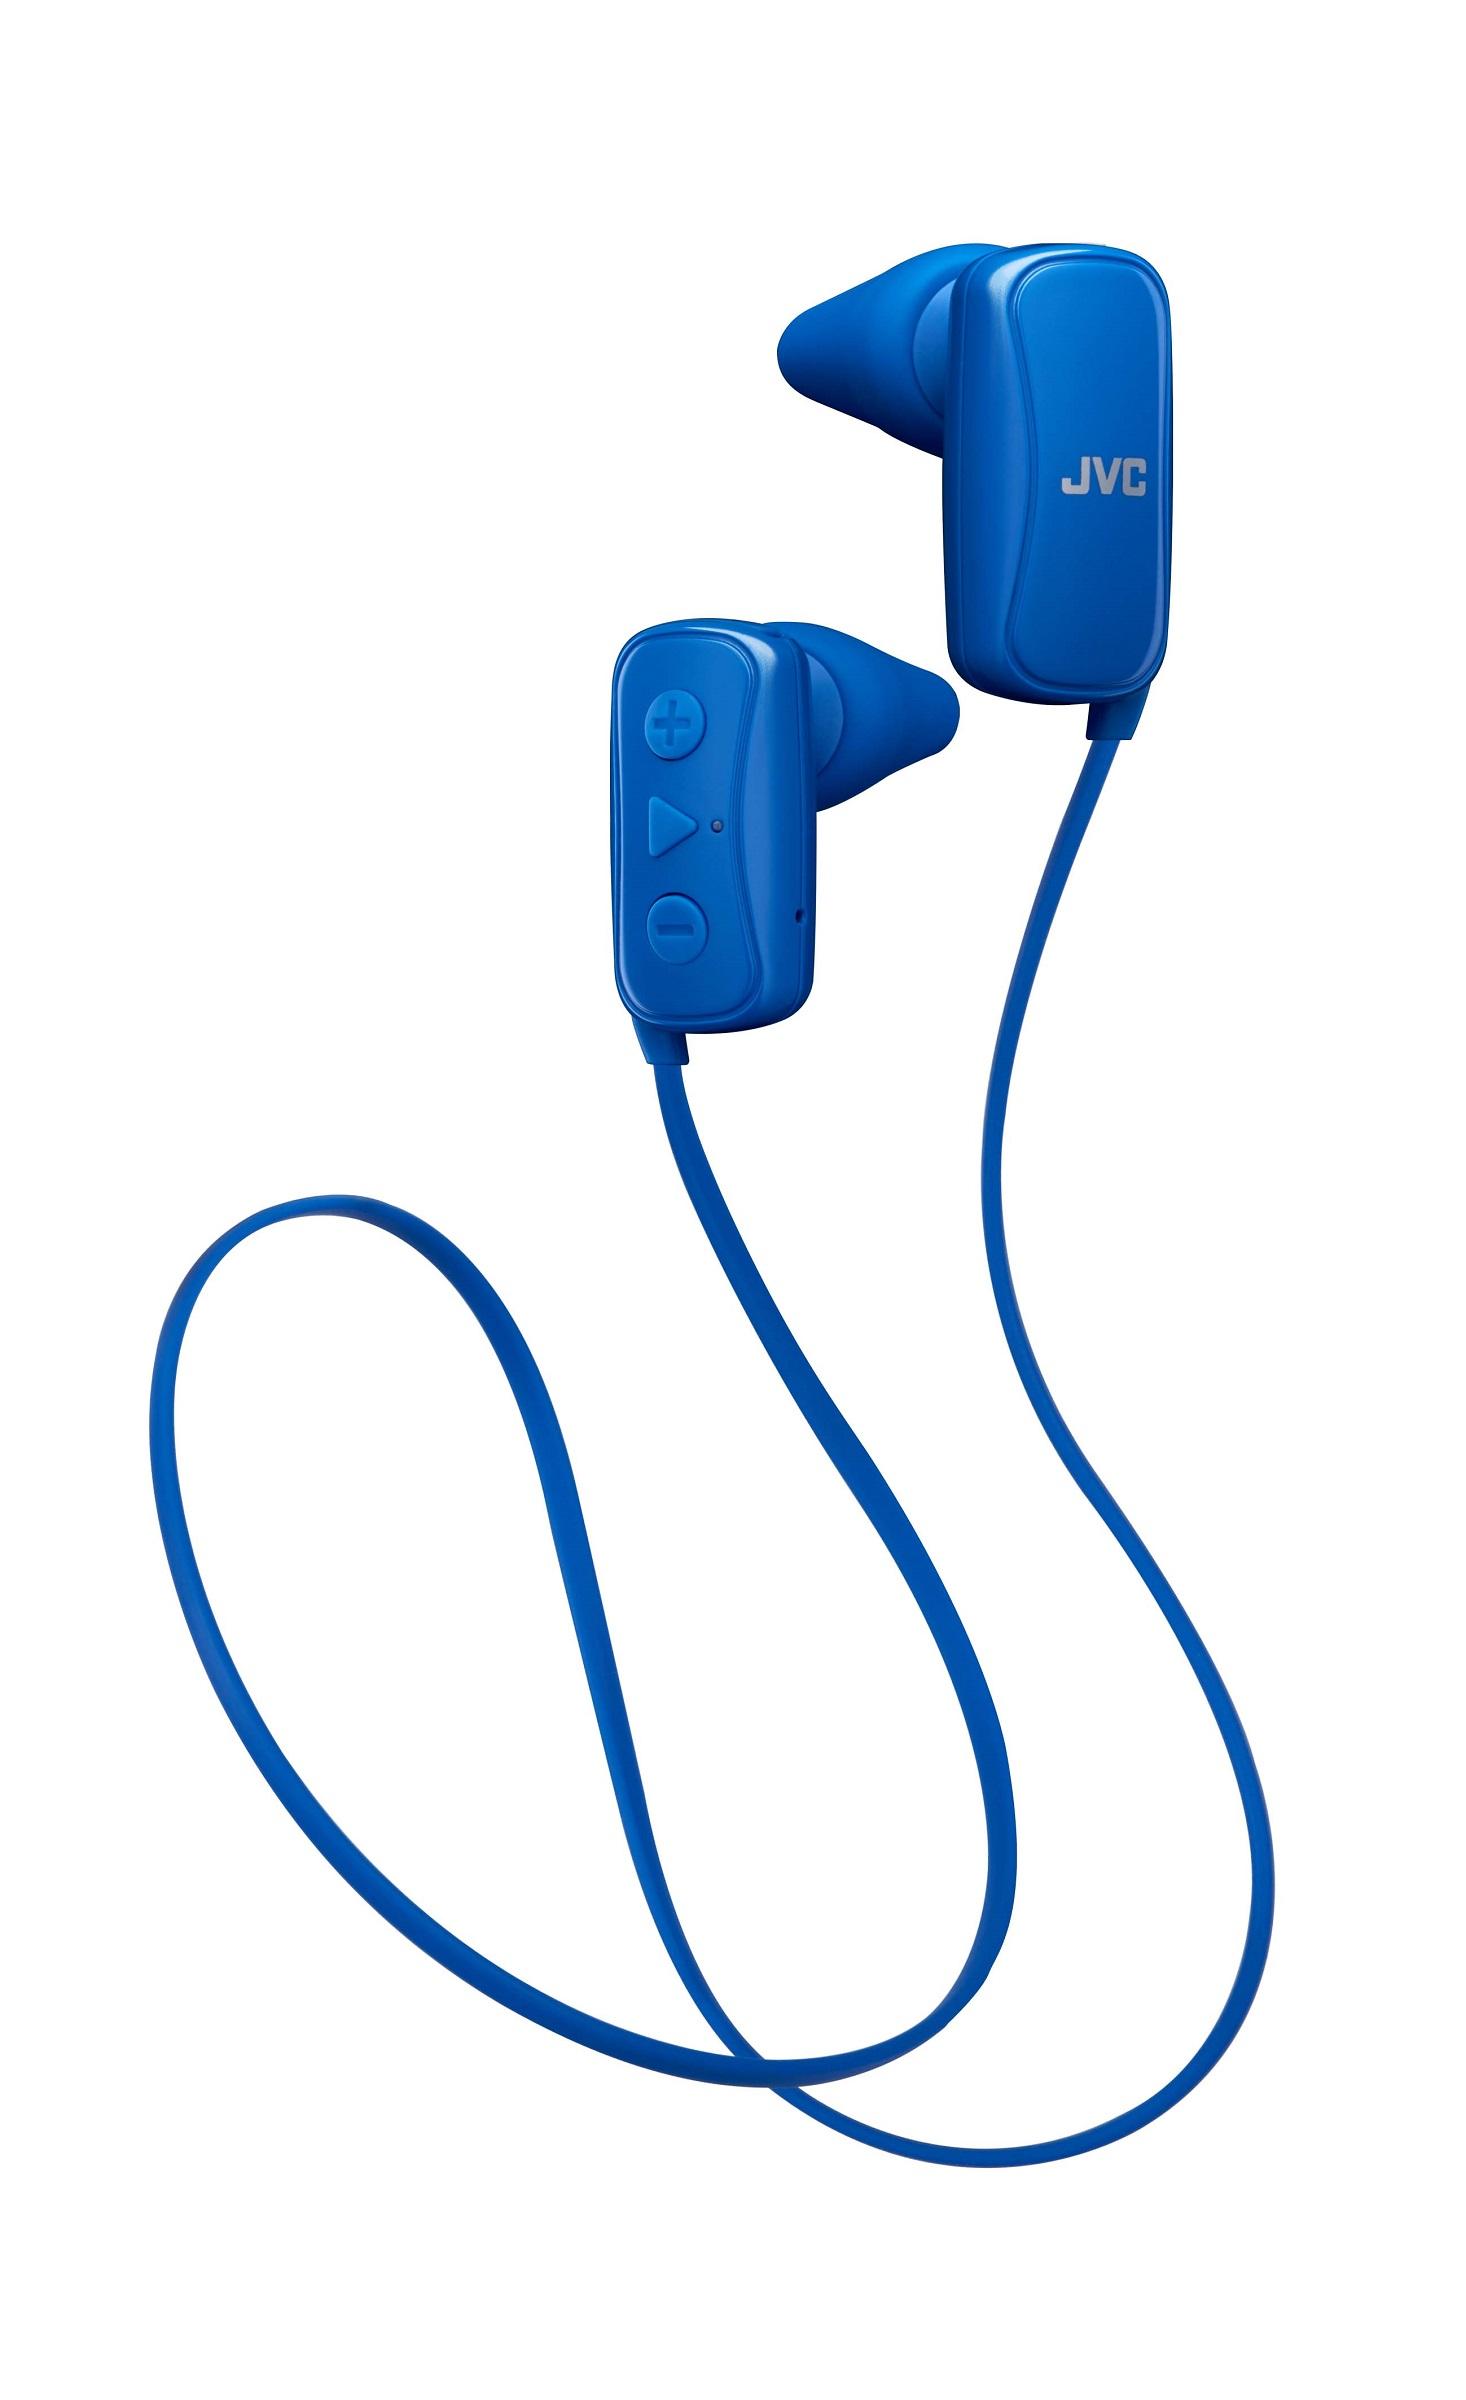 Earbuds jvc - jvc marshmallow earbuds fx39bt